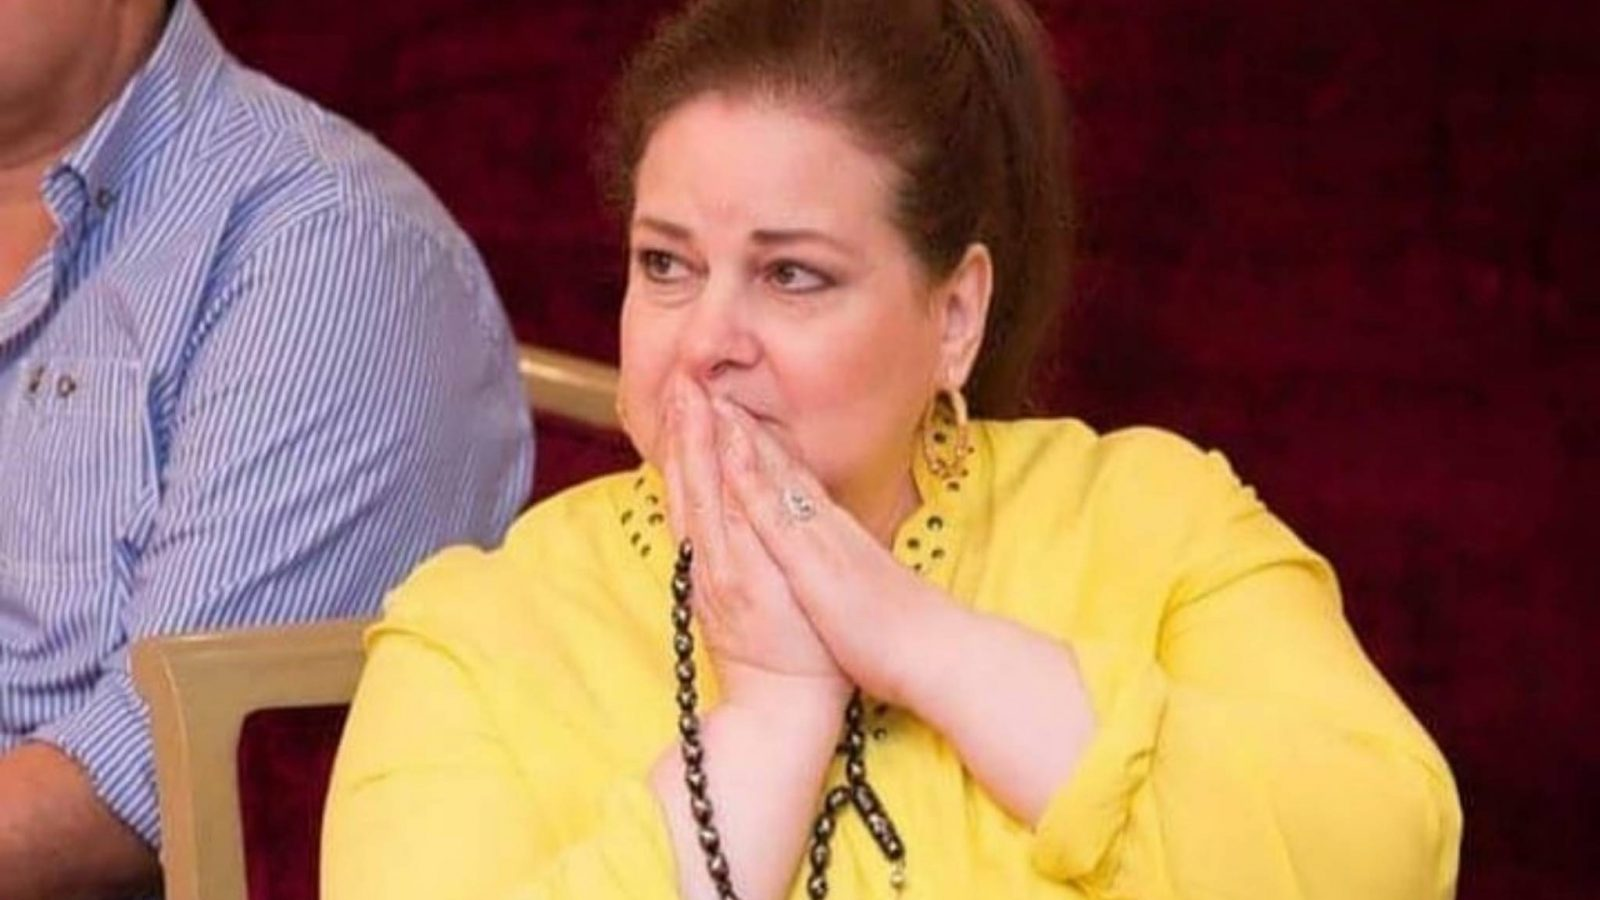 جدل واستياء كبيران في الوسط الفني بمصر بعد الإعلان عن وفاة دلال عبد العزيز